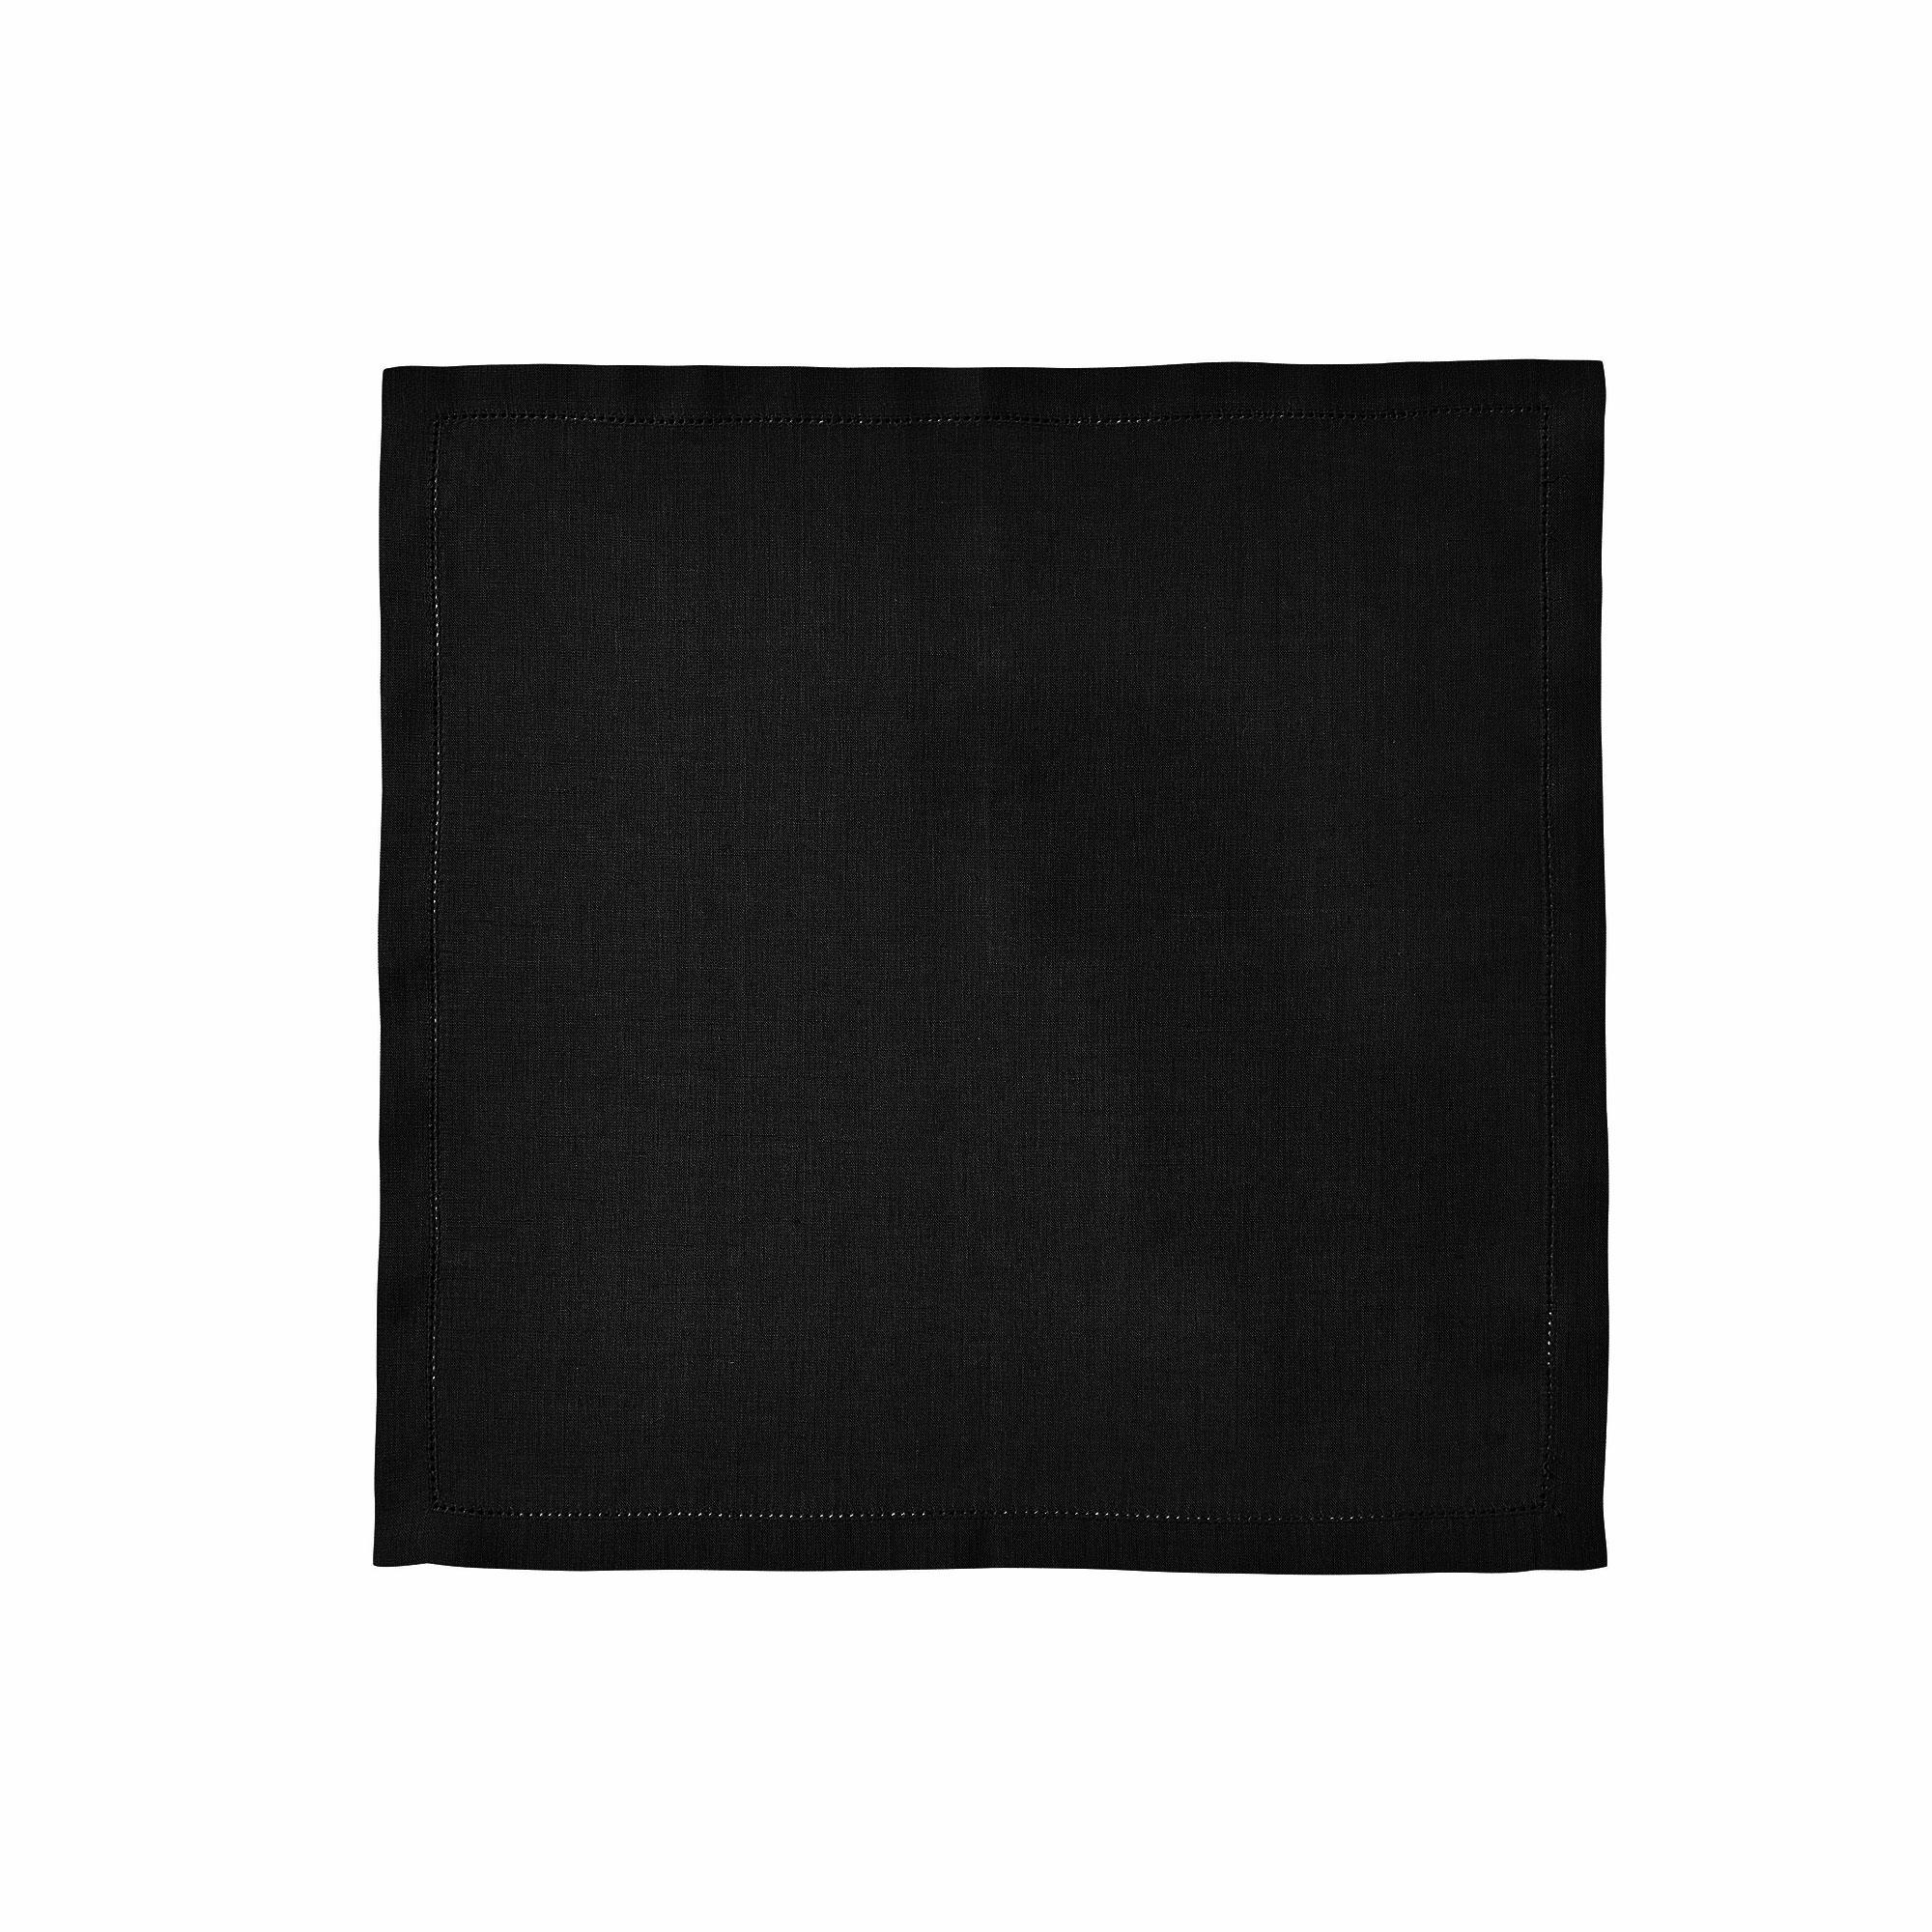 Serviette de table en lin noir 50x50